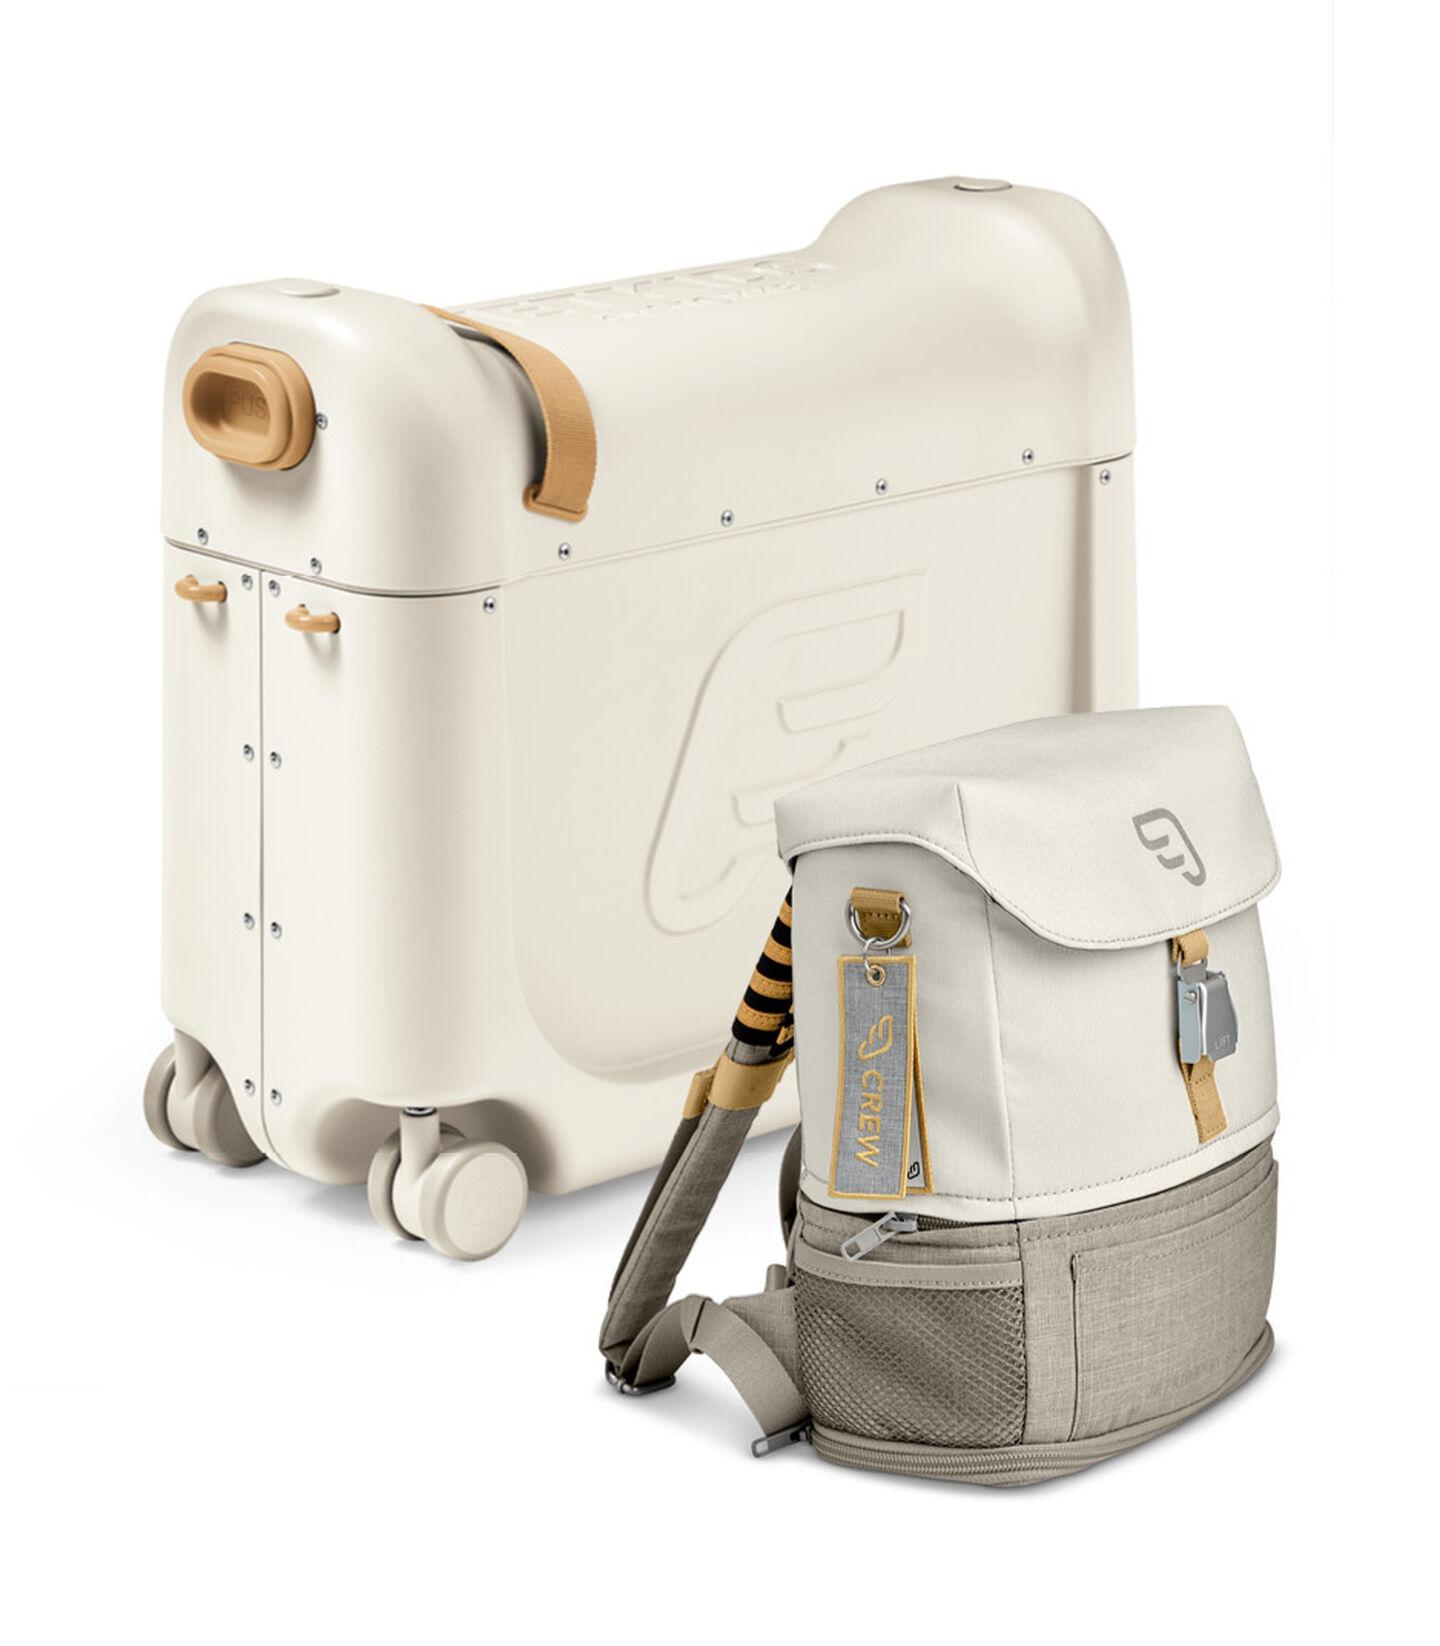 Zestaw podróżny BedBox™ + plecak Crew BackPack™ Biały/Biały, White / White, mainview view 1